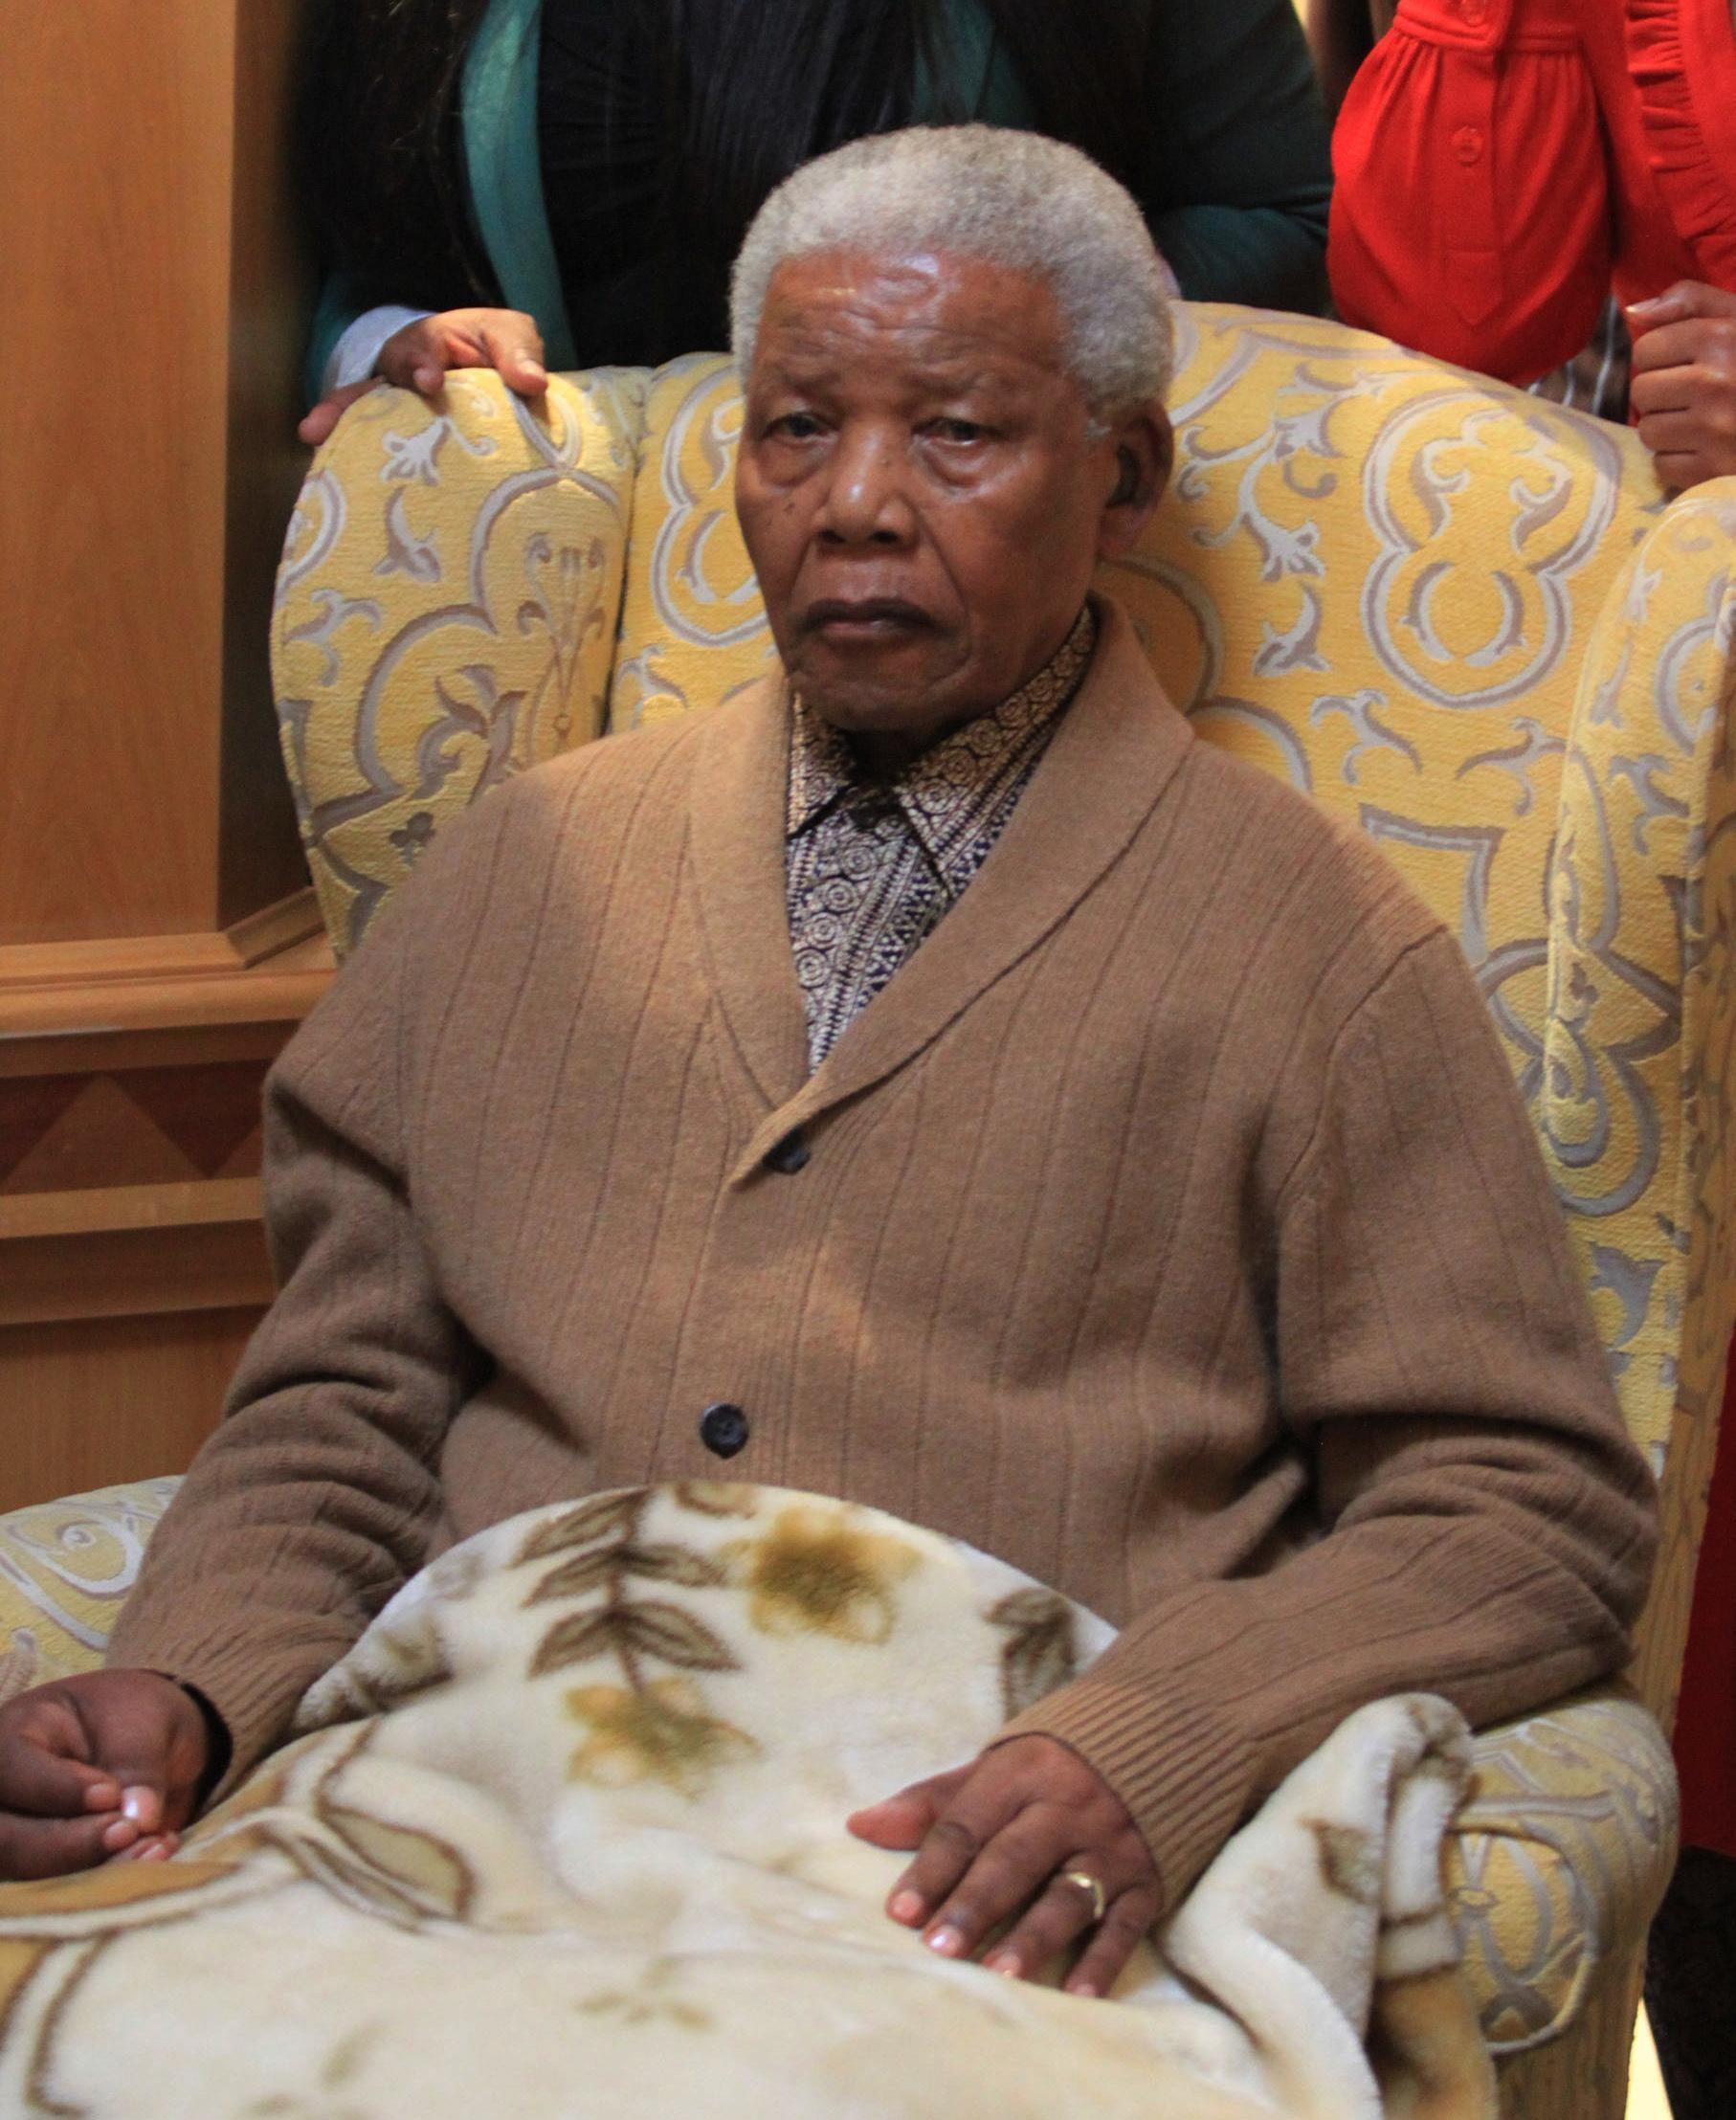 Nelson Mandela Wallpaper 75 Images